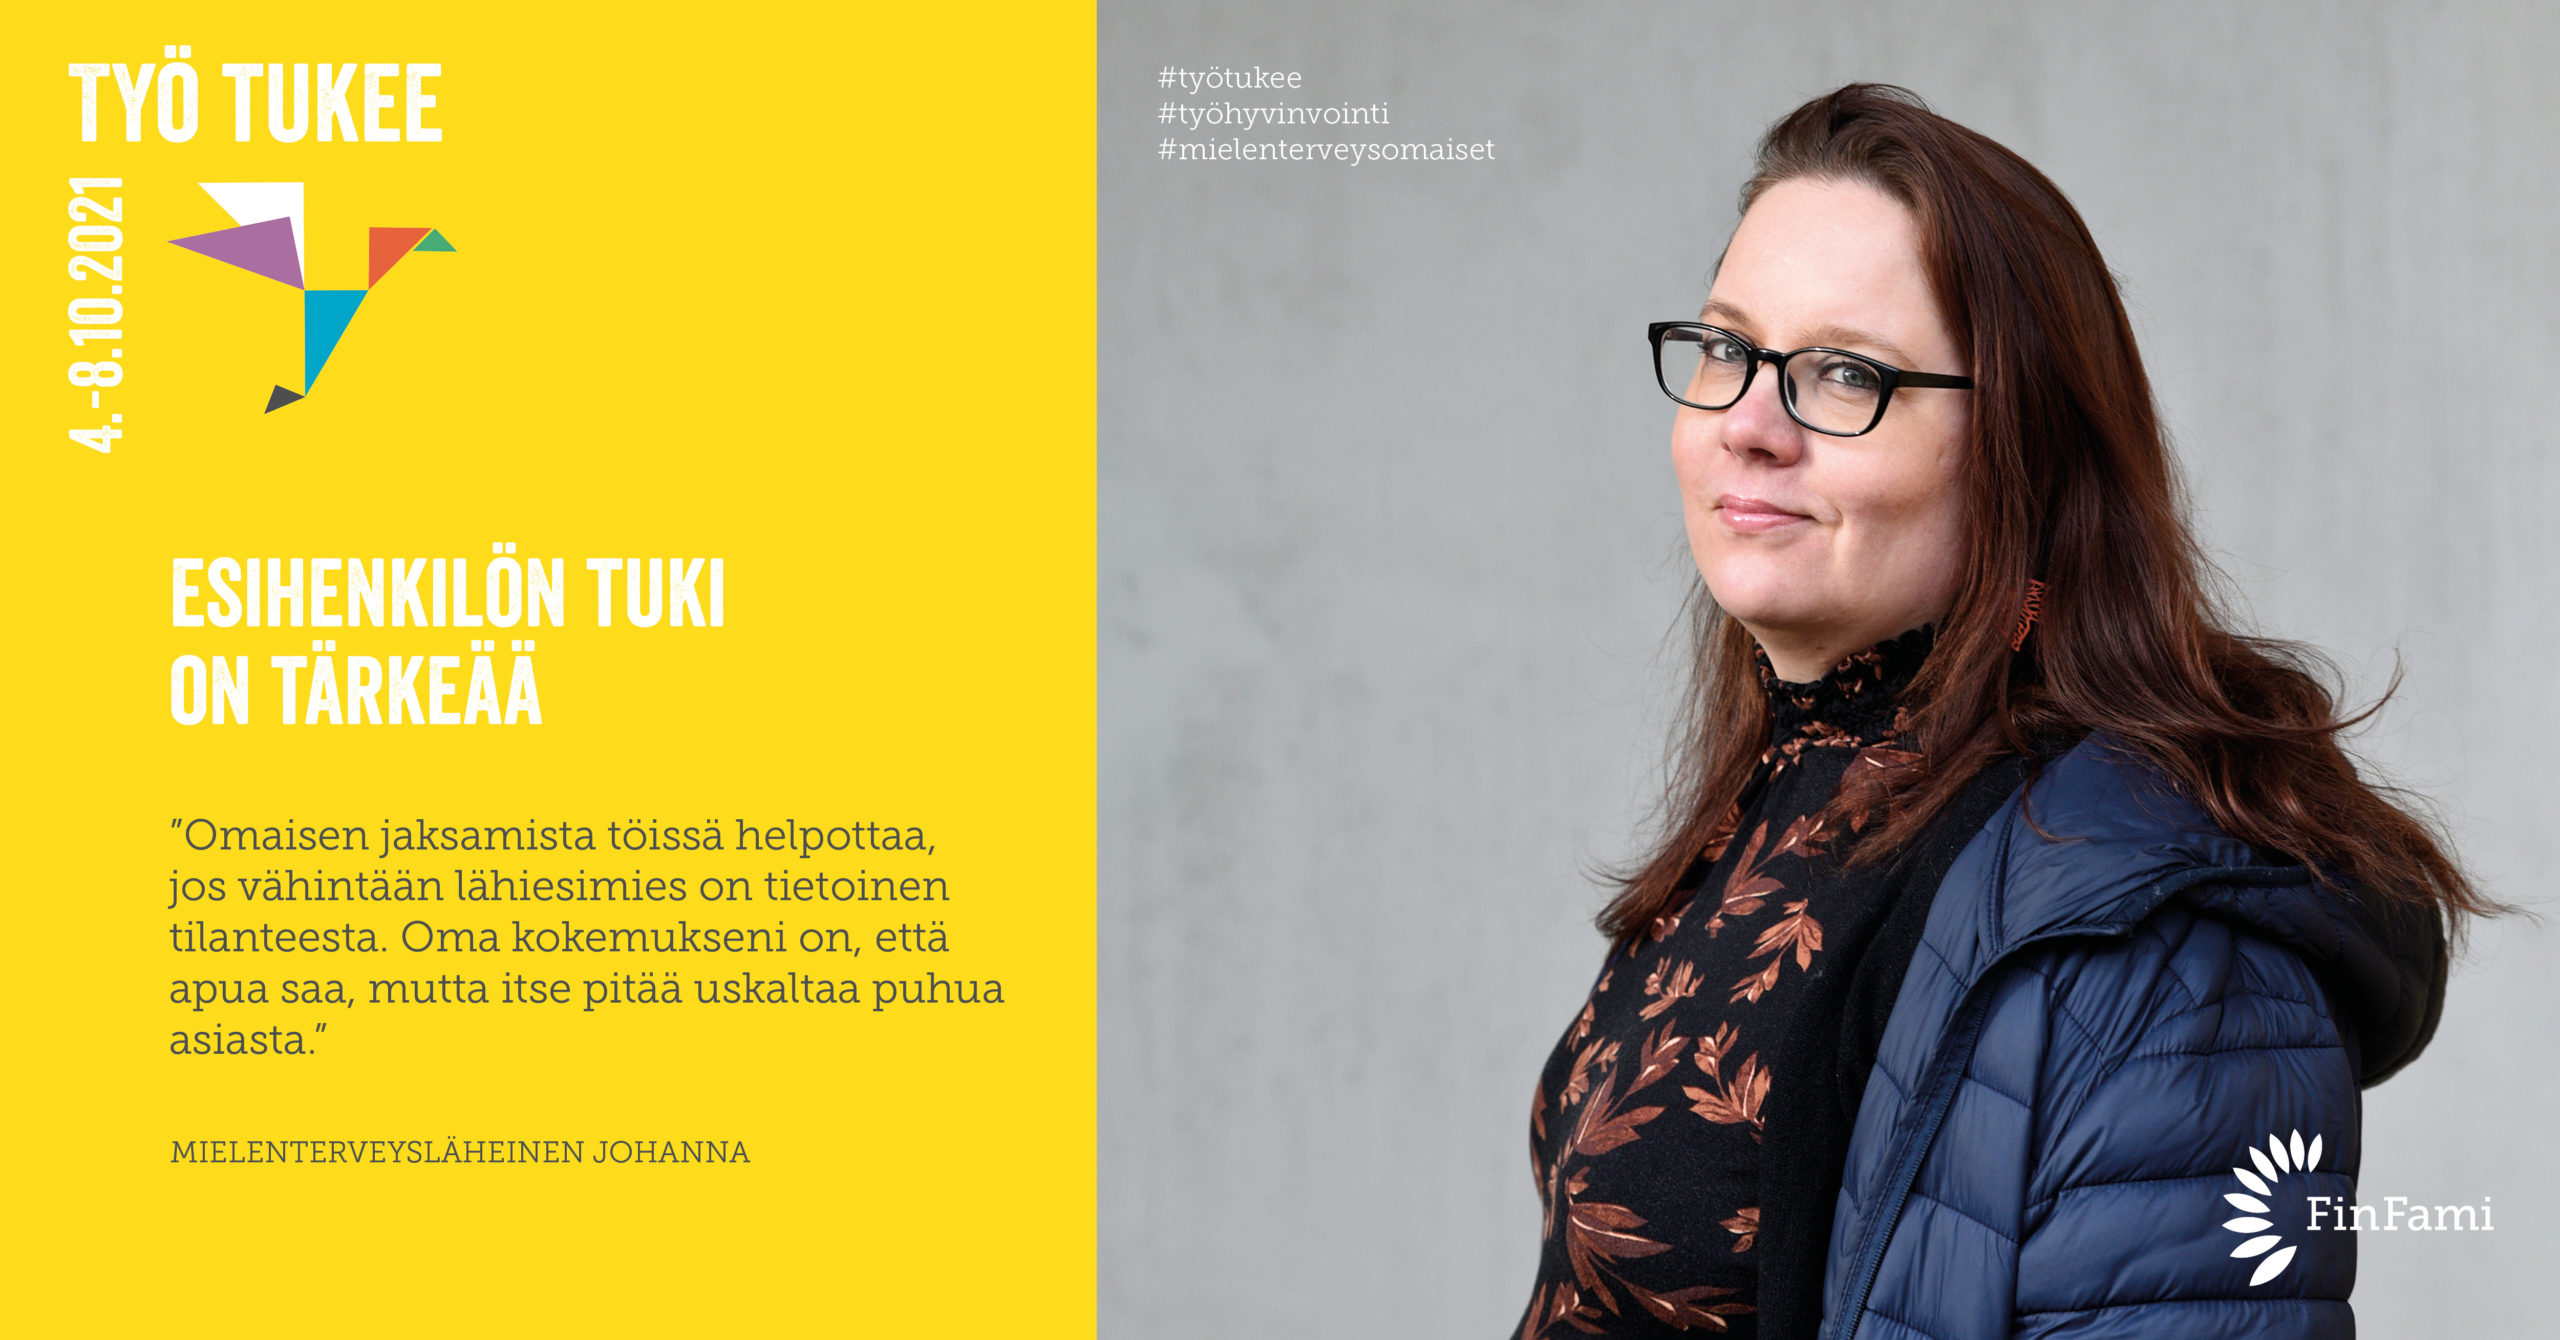 FinFamin Työ tukee -kampanjakuva